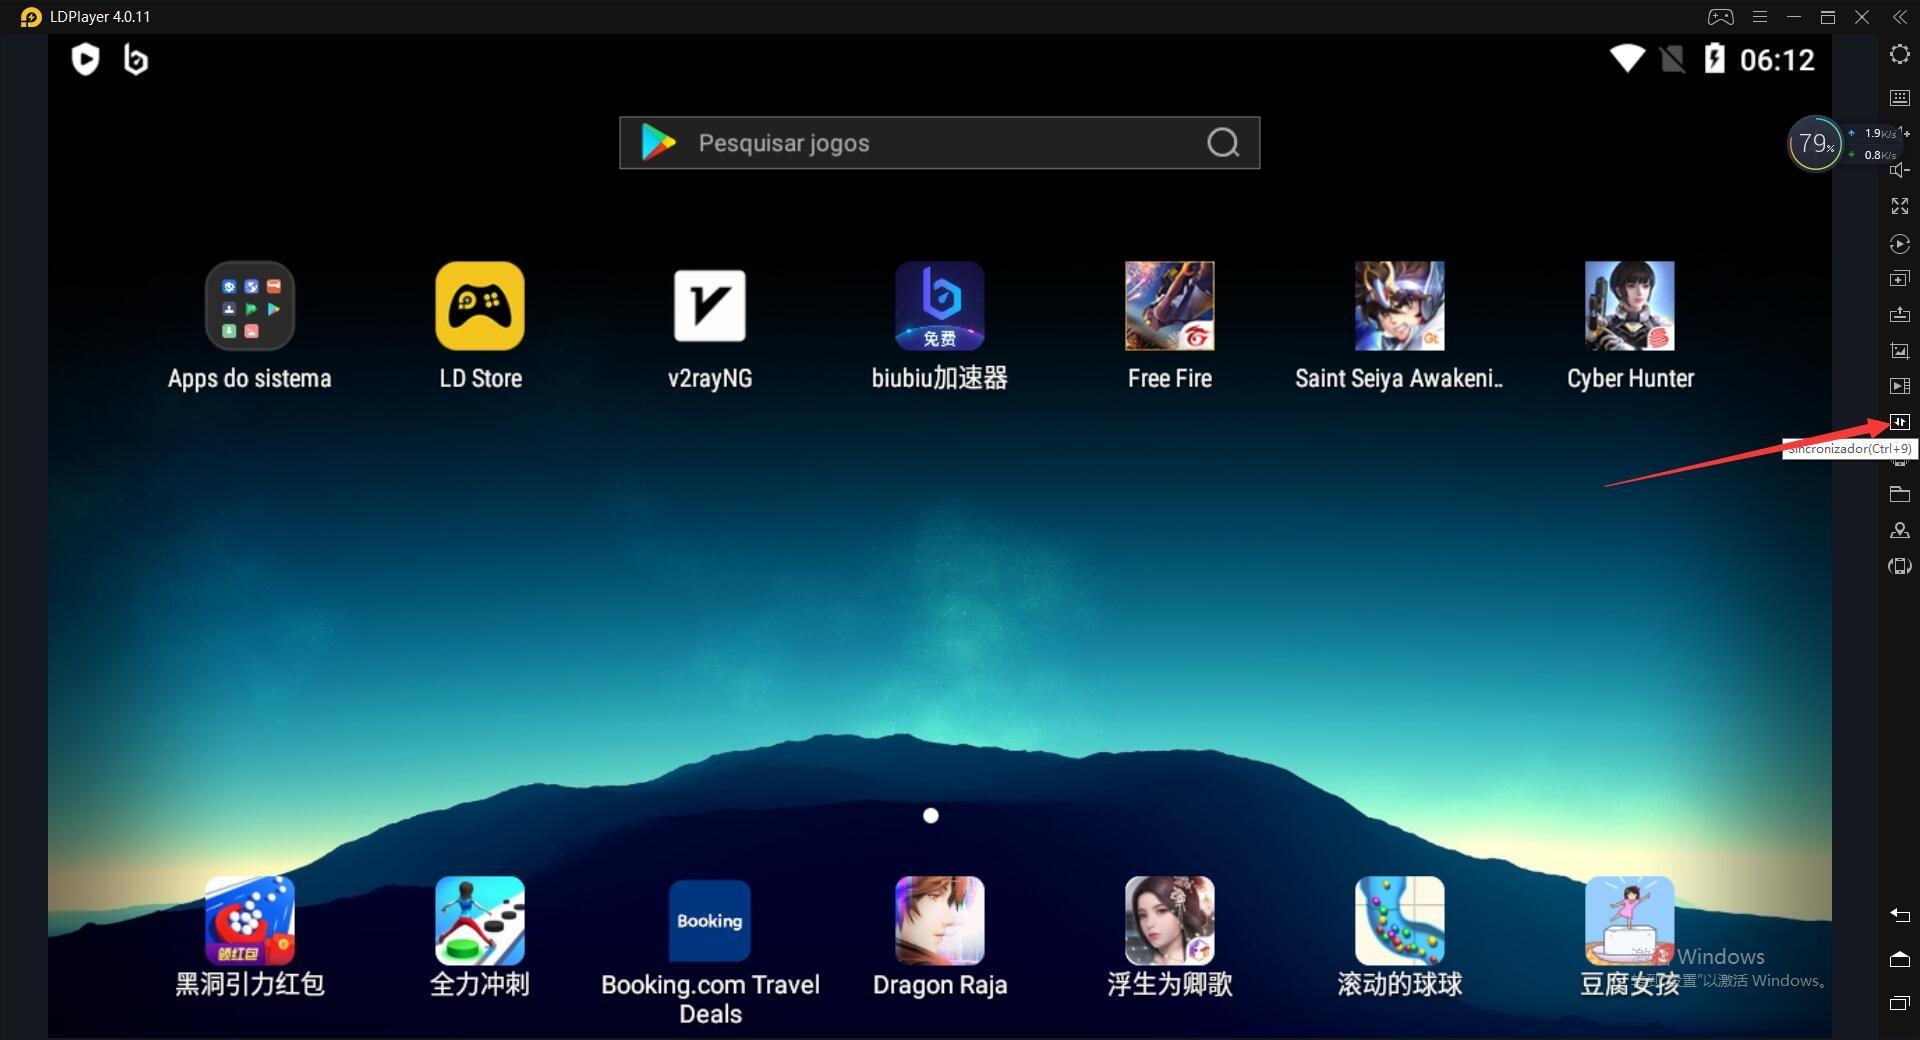 Sincronize o emulador do Android | Como usar a ferramenta Sincronizadora